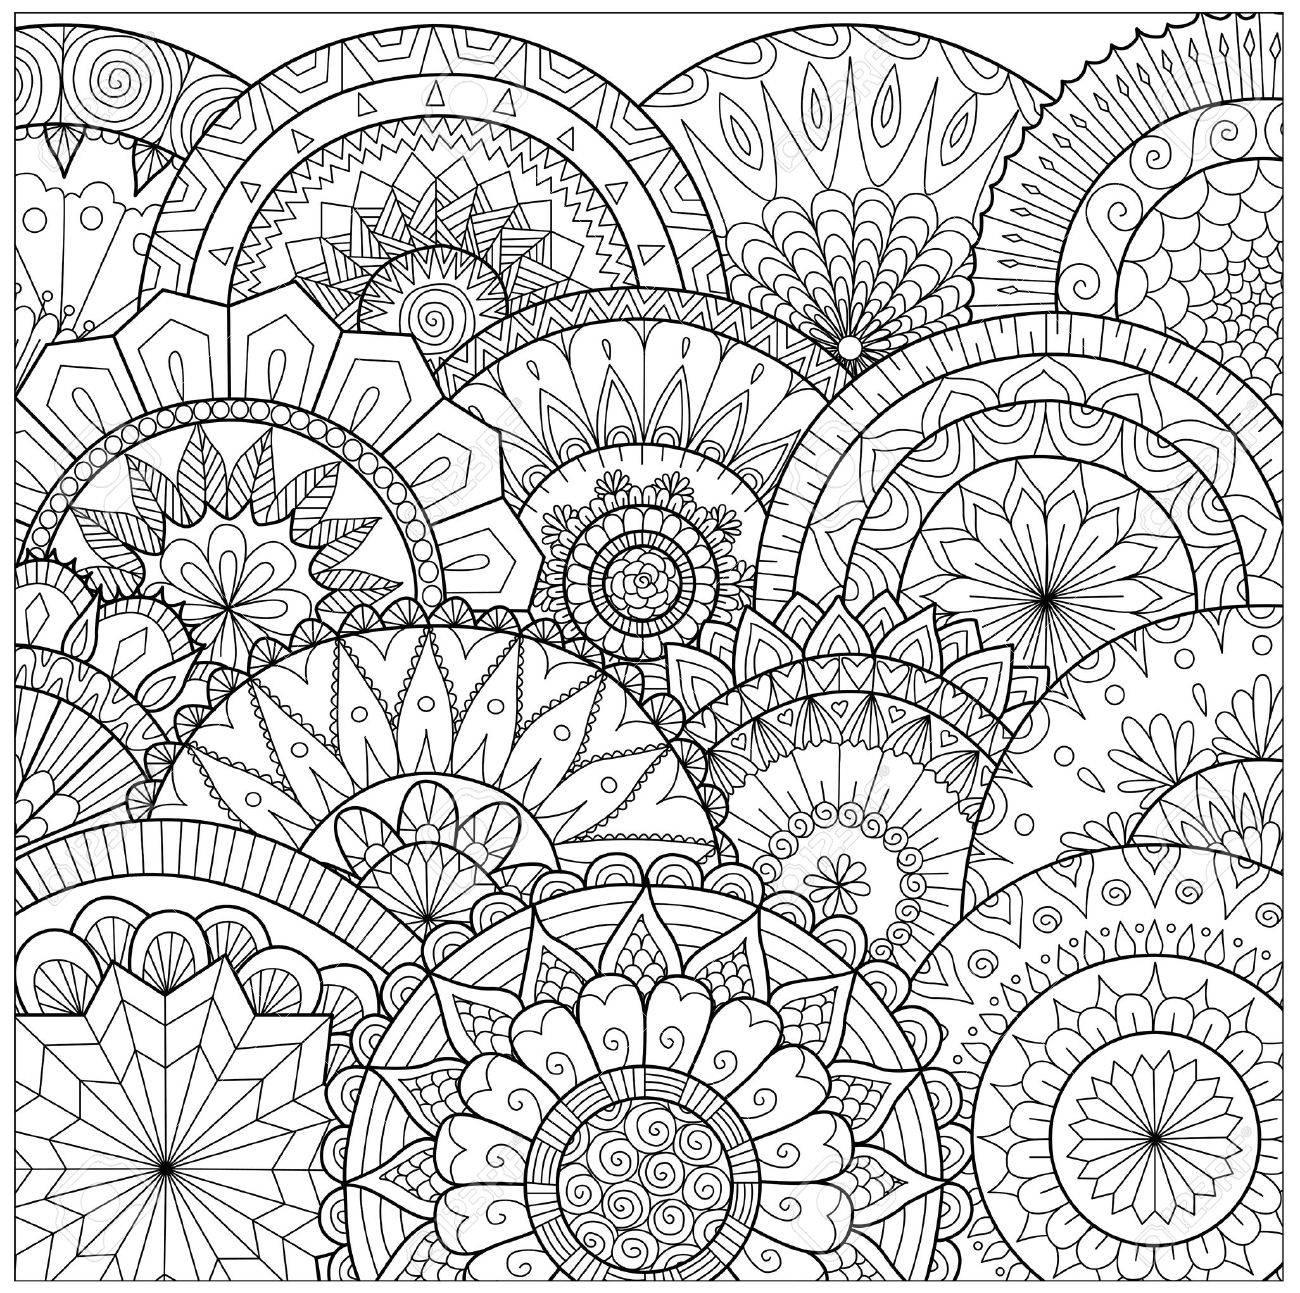 Blumen Und Mandalas Linie Kunst Für Malbuch Für Erwachsene, Karten